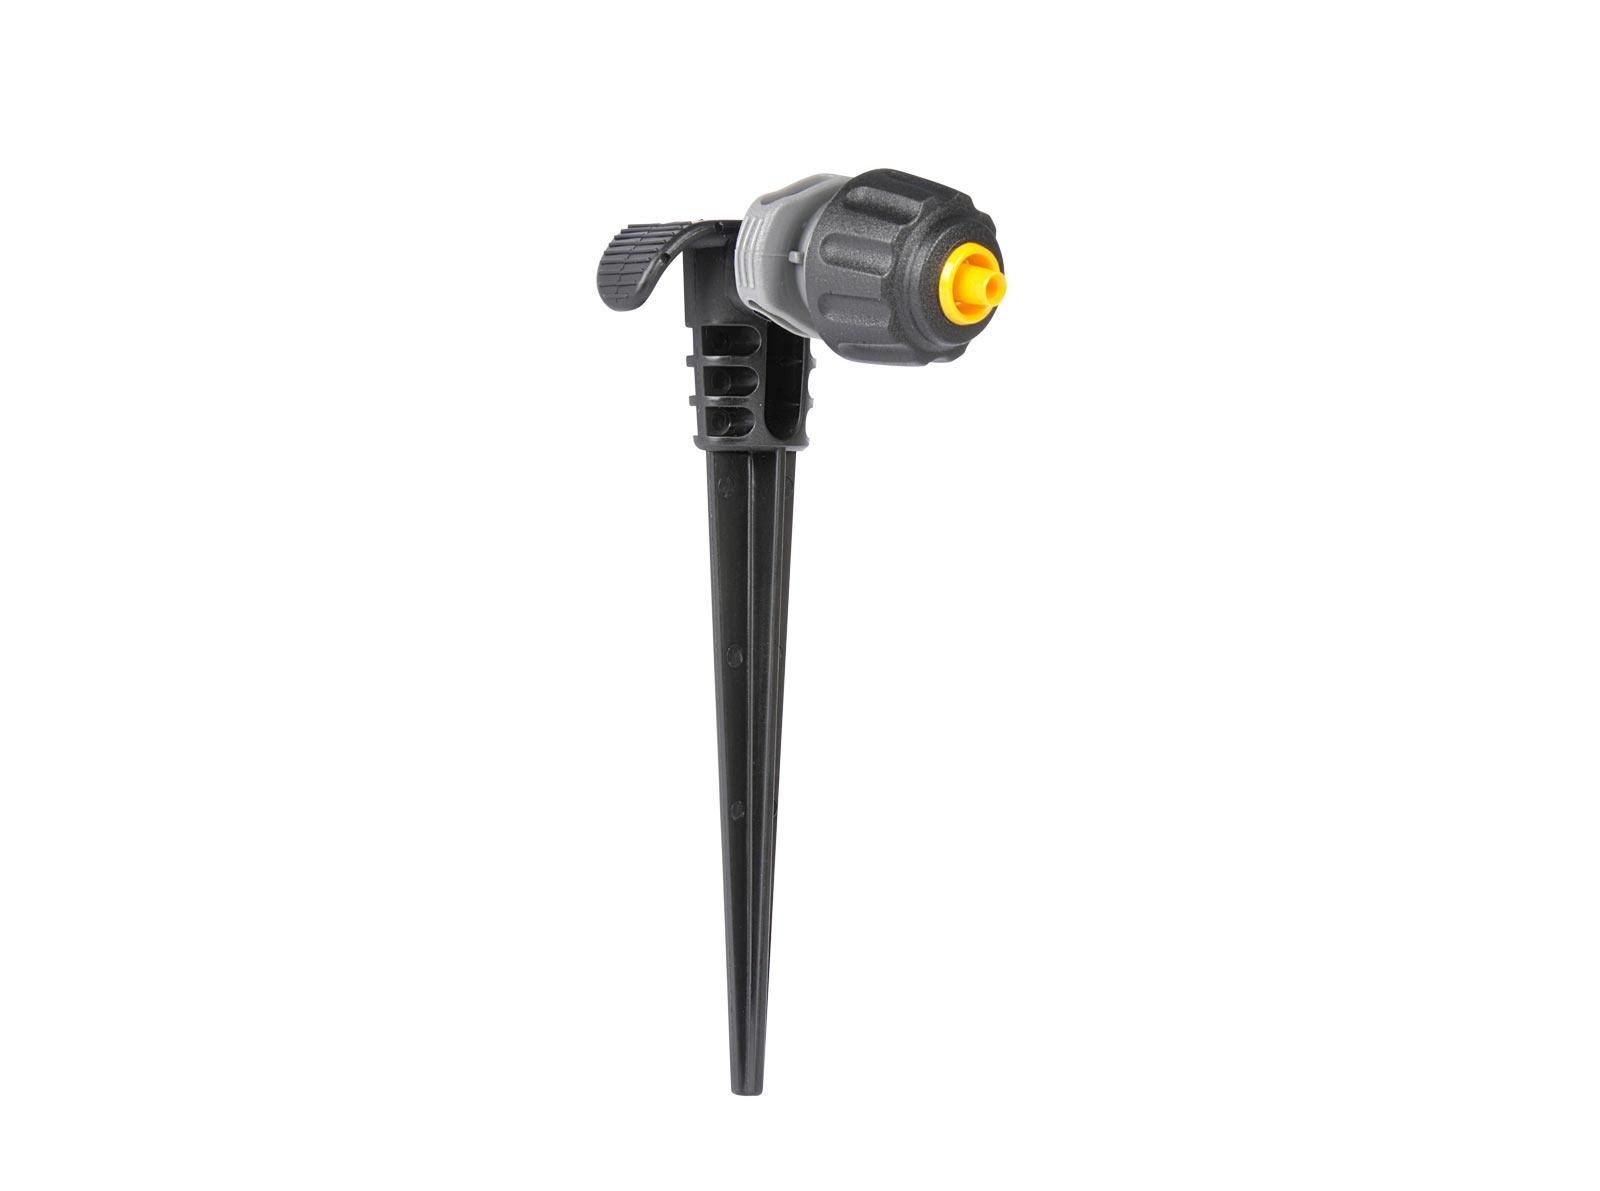 """Система полива Hozelock """"Easy Drip"""" 7012 микро капельница универсальная для автополива с микроразбрызгивателями, 4 мм, 5 шт., черный, серый, желтый"""